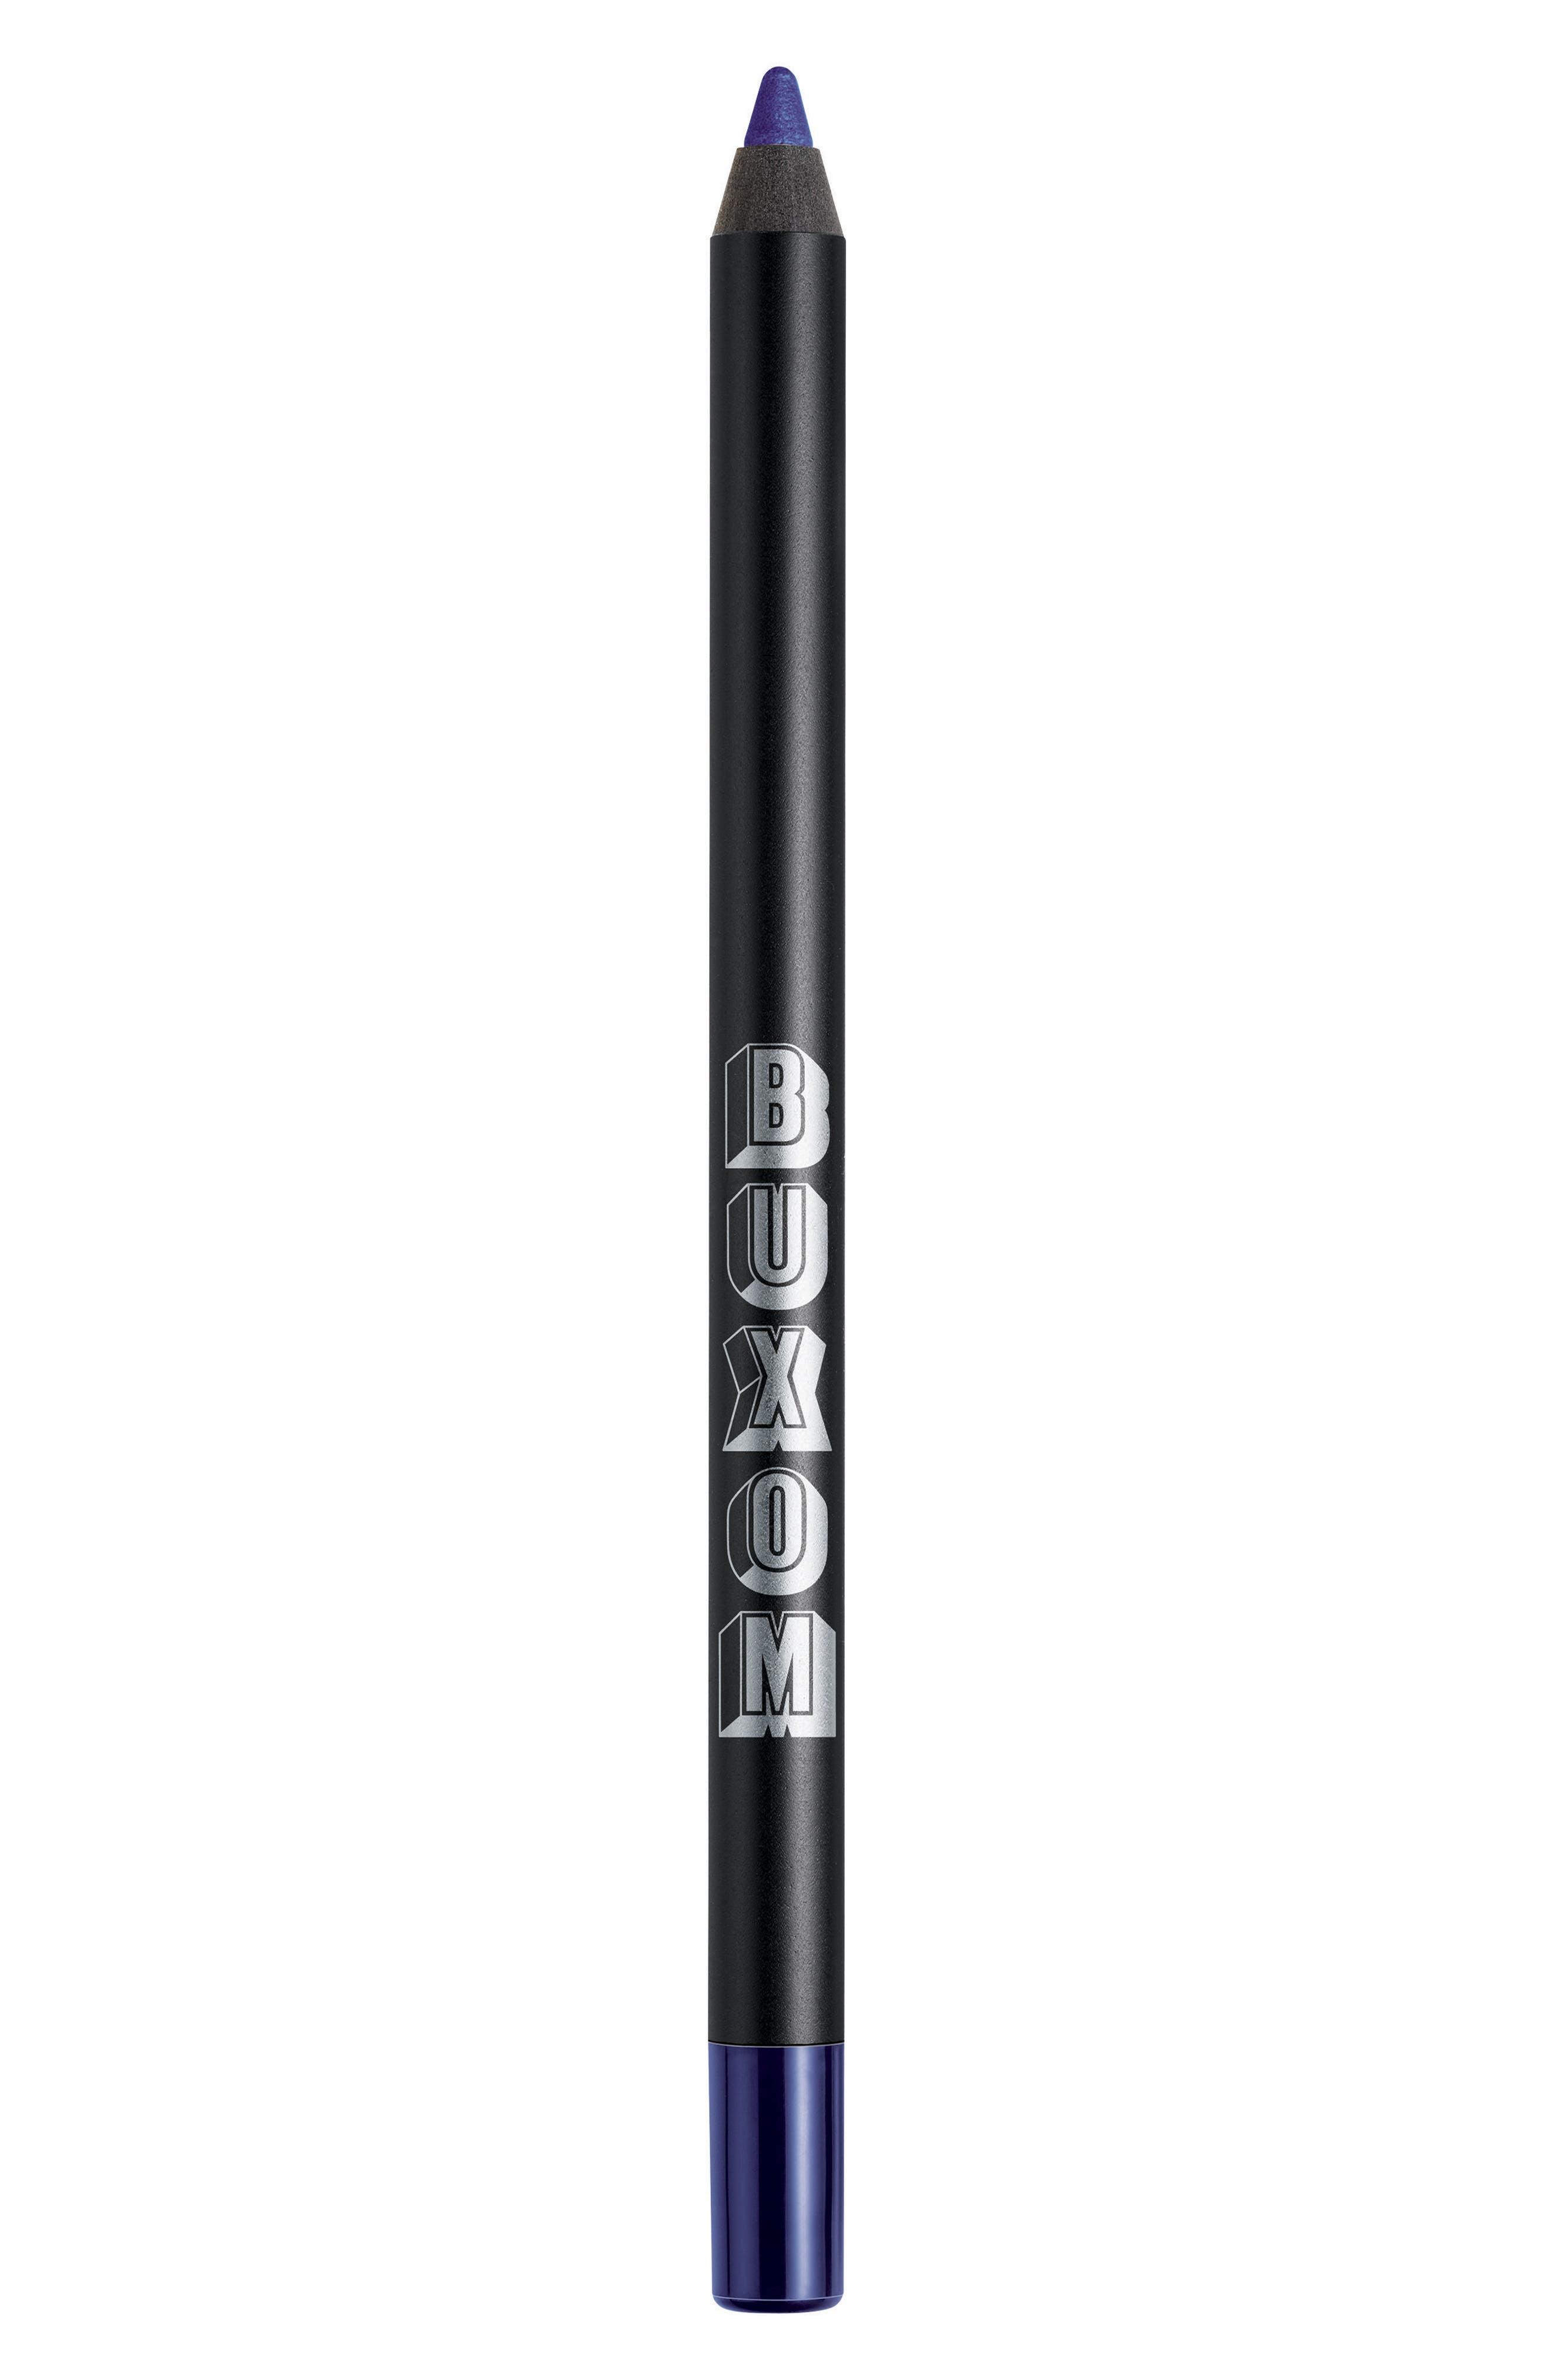 Buxom Hold The Line Waterproof Eyeliner - Doors Unlocked